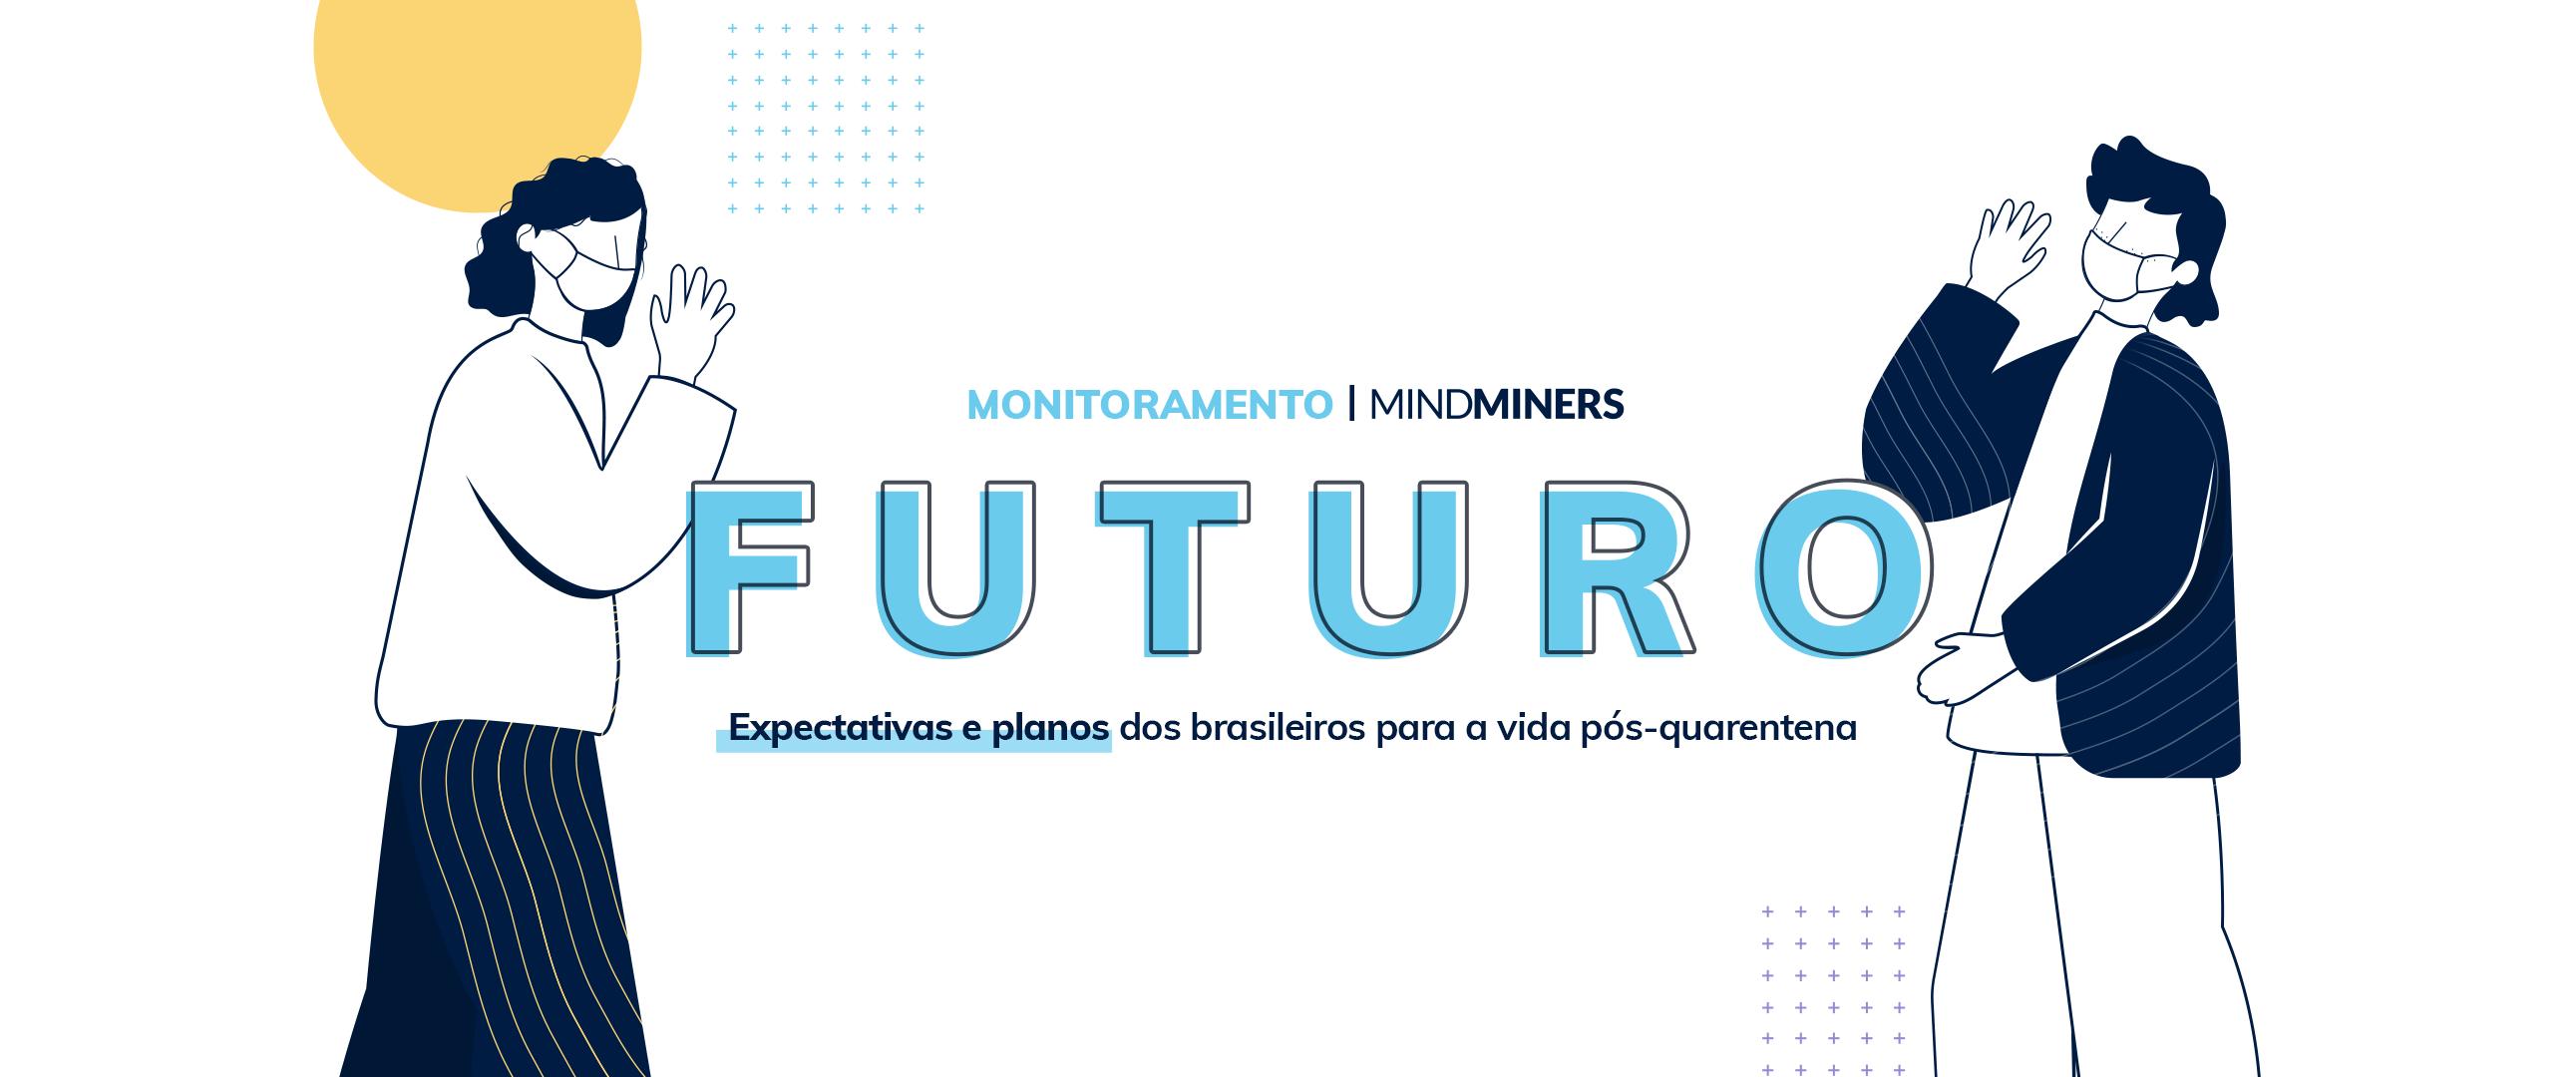 Futuro: Expectativas e planos dos brasileiros para a vida pós-quarentena